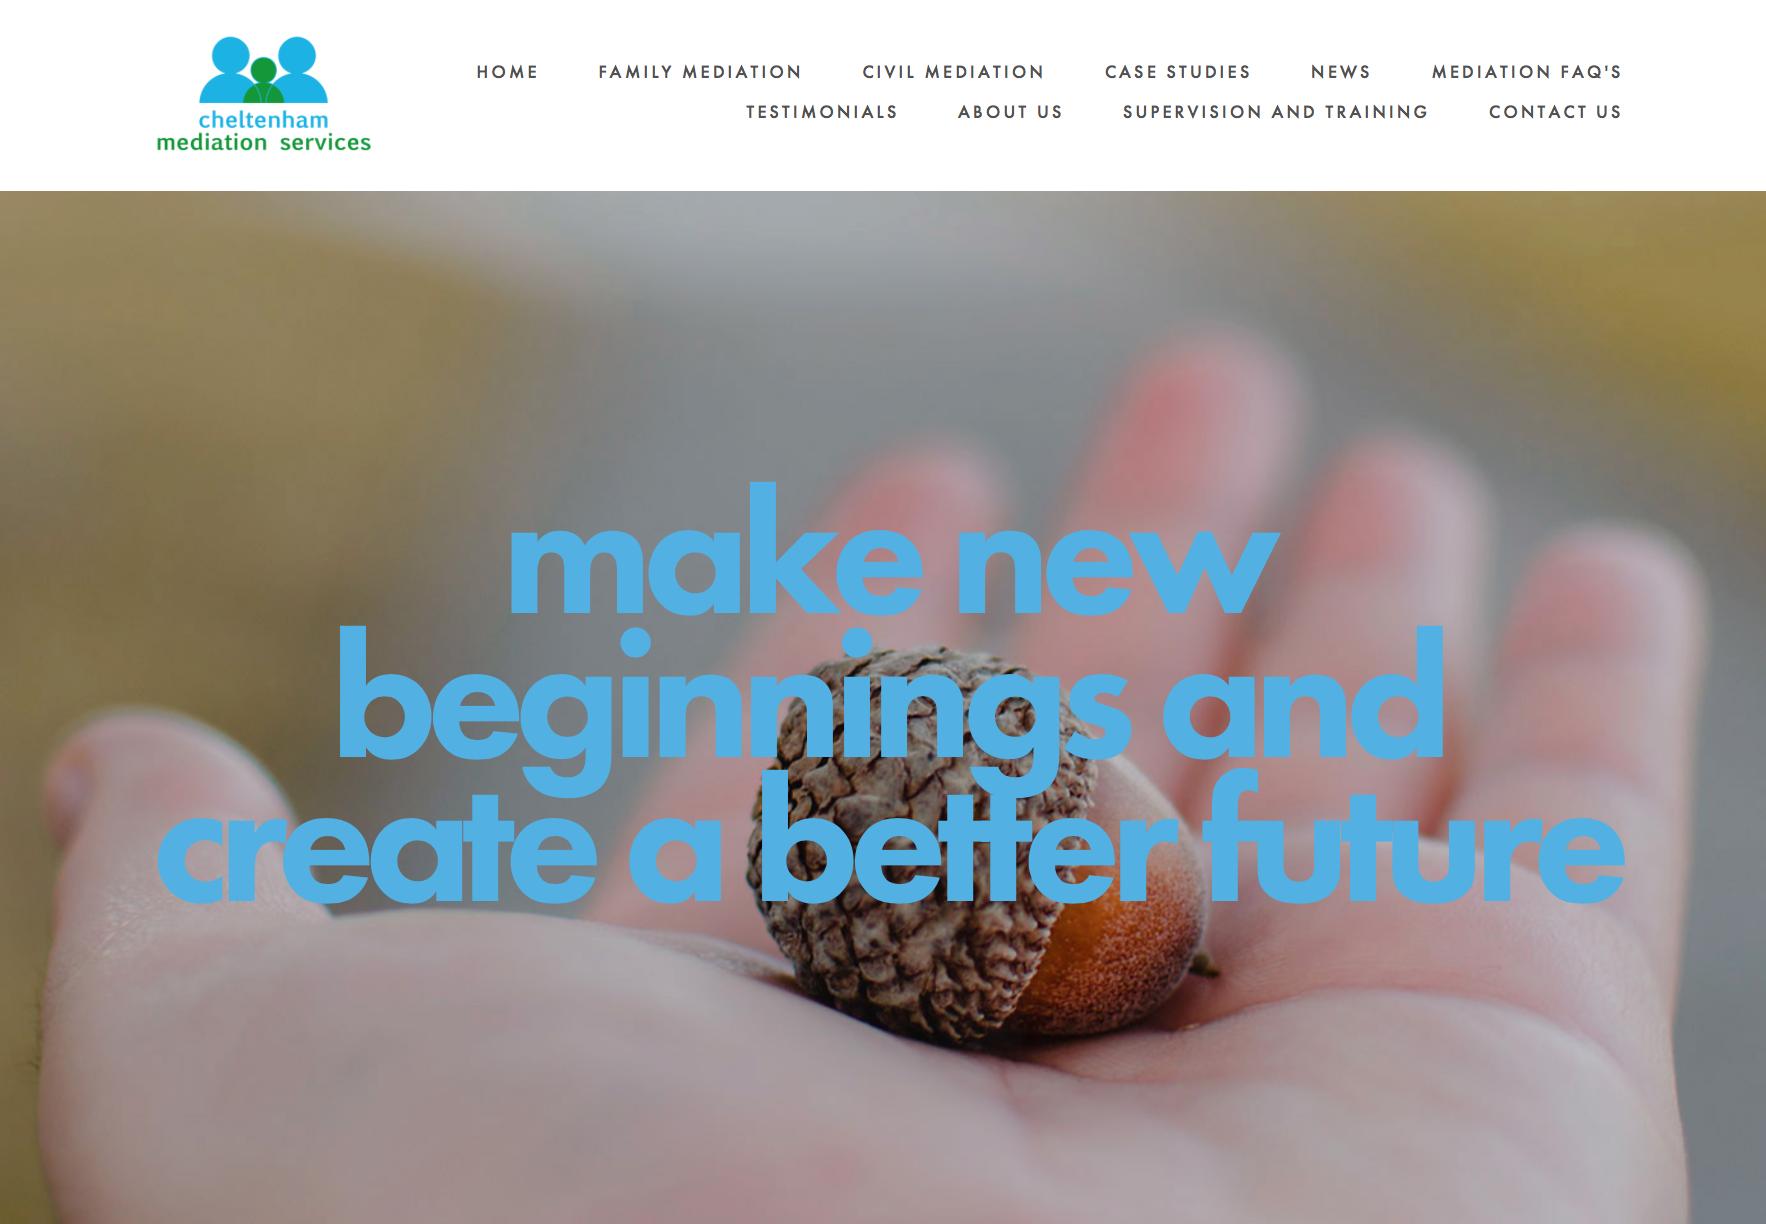 Website redesign using the Squarespace platform.